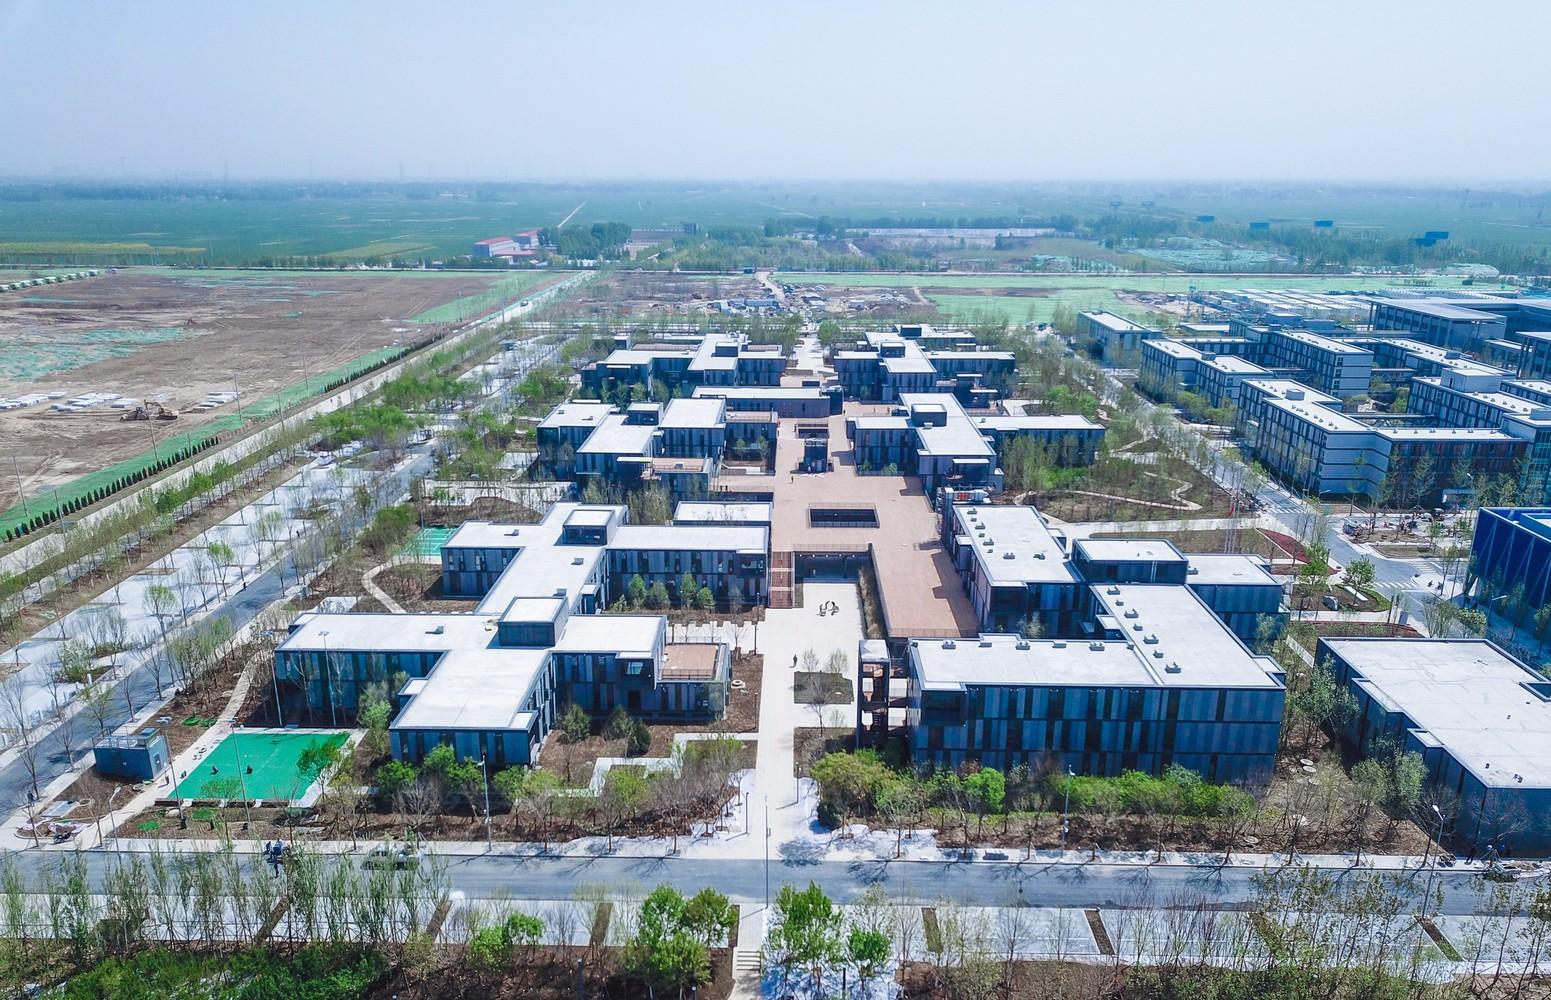 雄安市民服务中心企业临时办公区建筑设计/中国建筑设计研究院